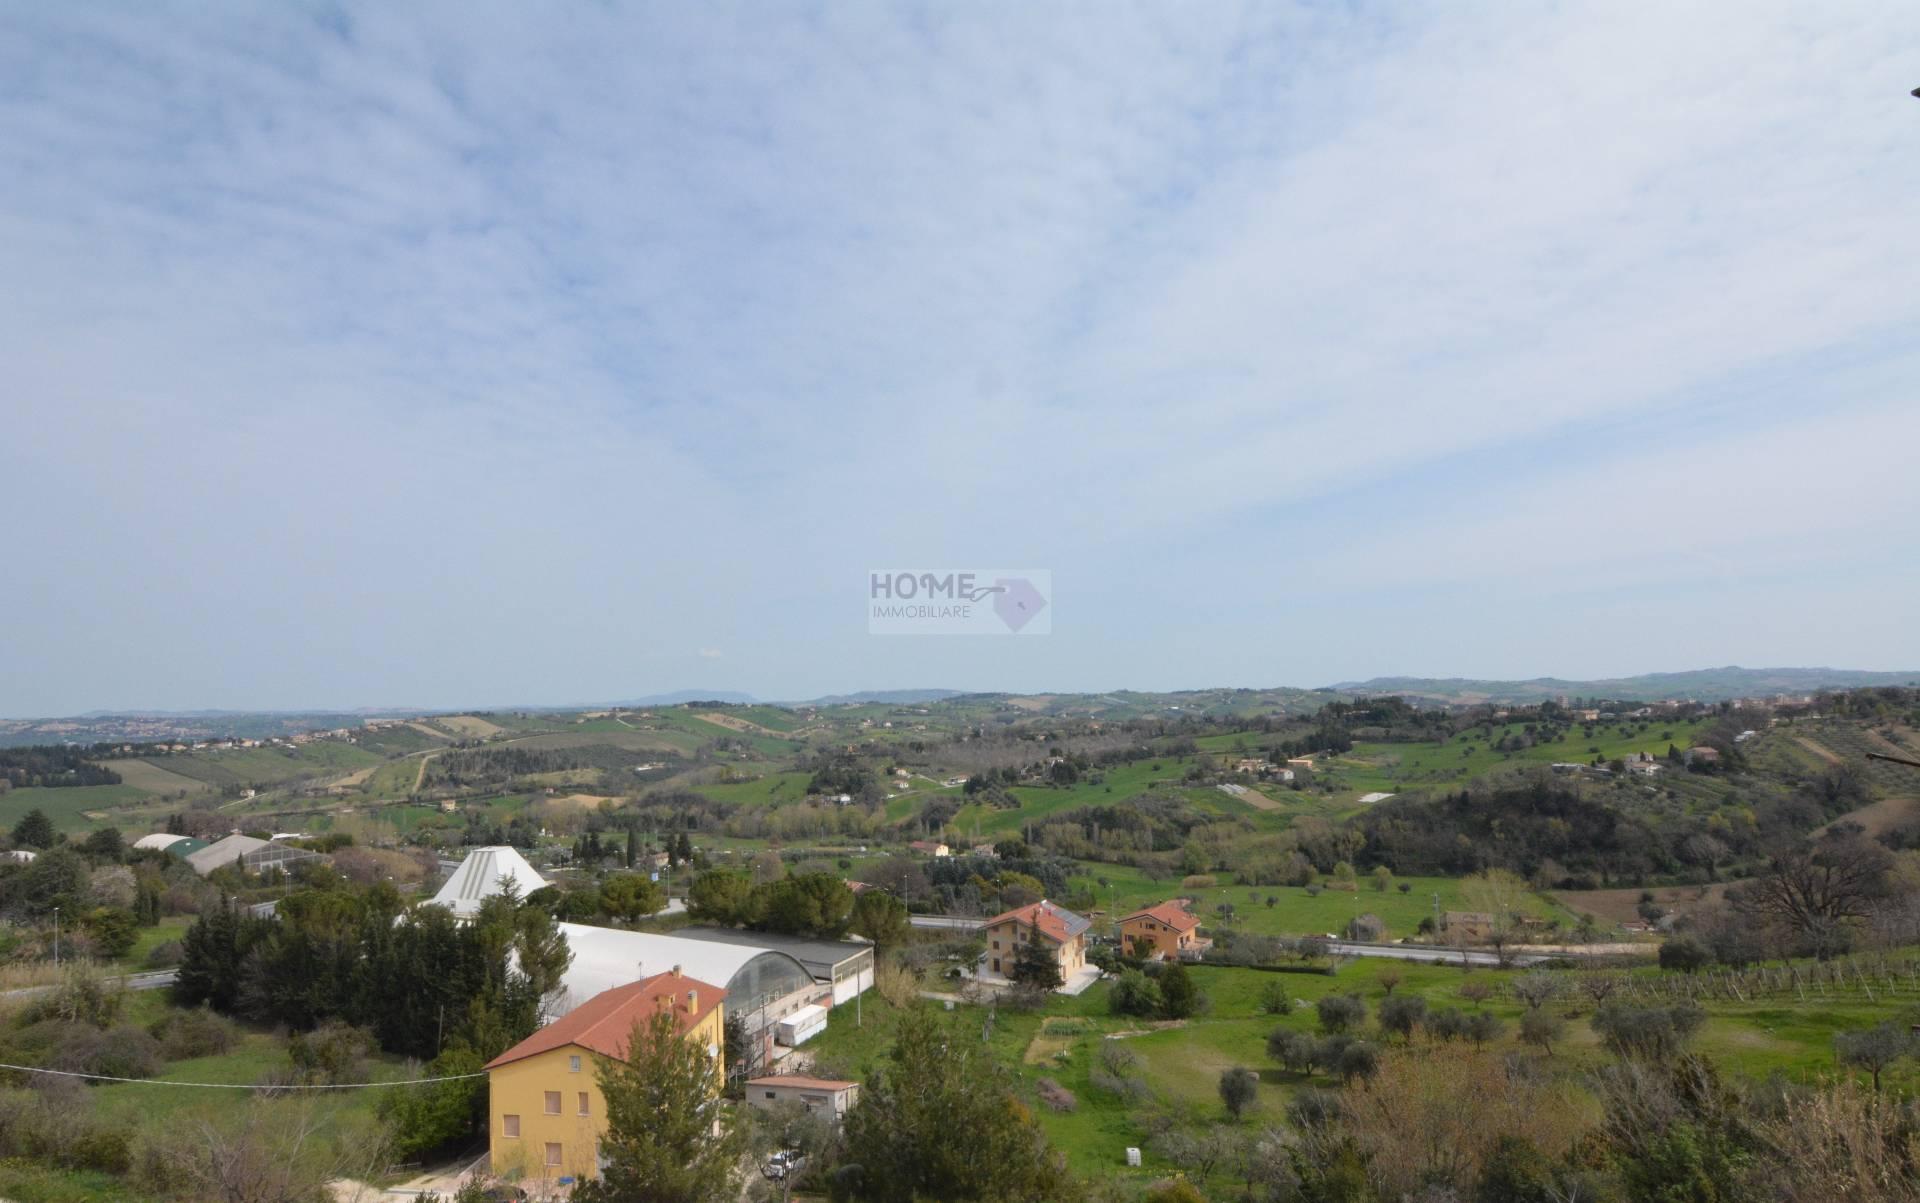 Appartamento in vendita a Macerata, 9 locali, zona Località: ZonaStadio, prezzo € 110.000 | Cambio Casa.it